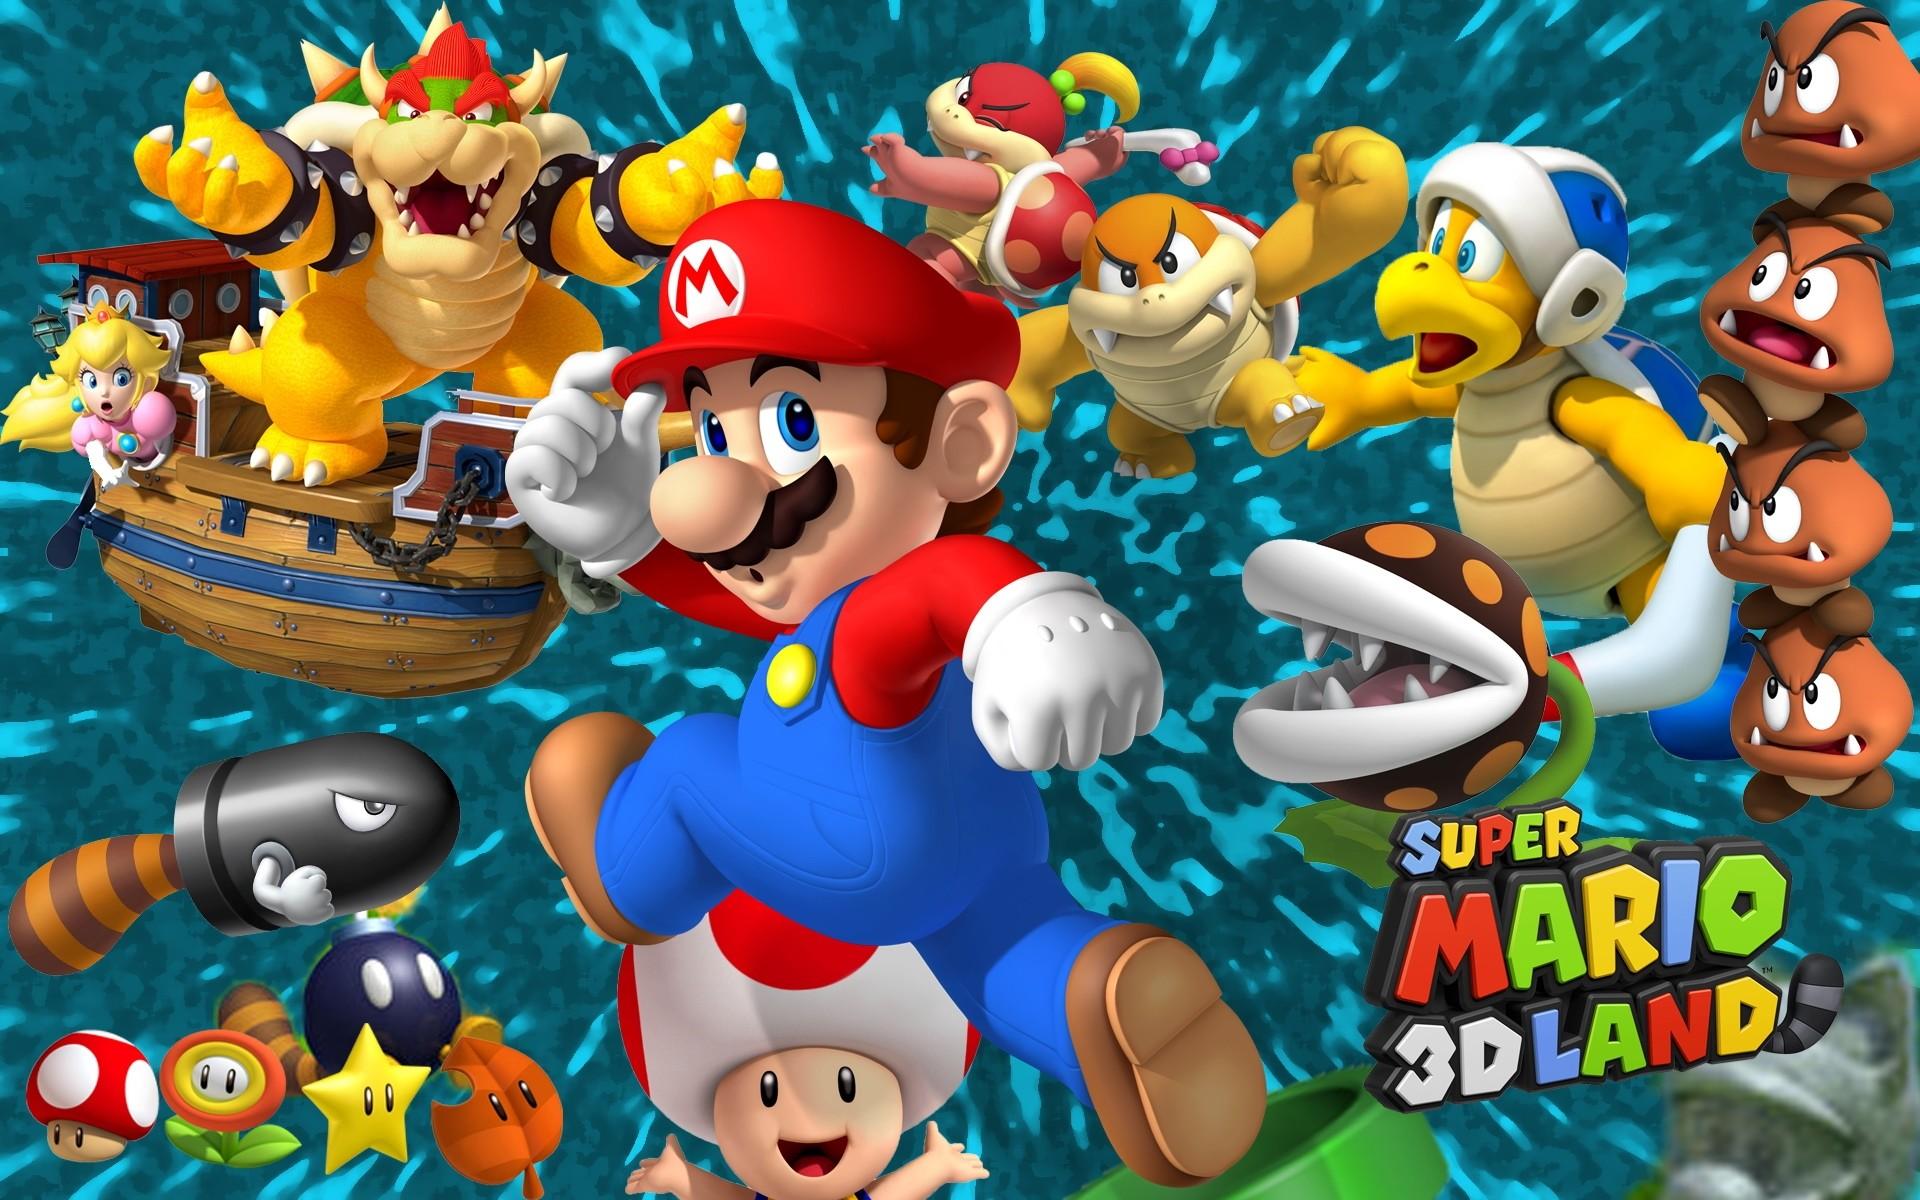 Super Mario 3D Land Wallpaper 8522